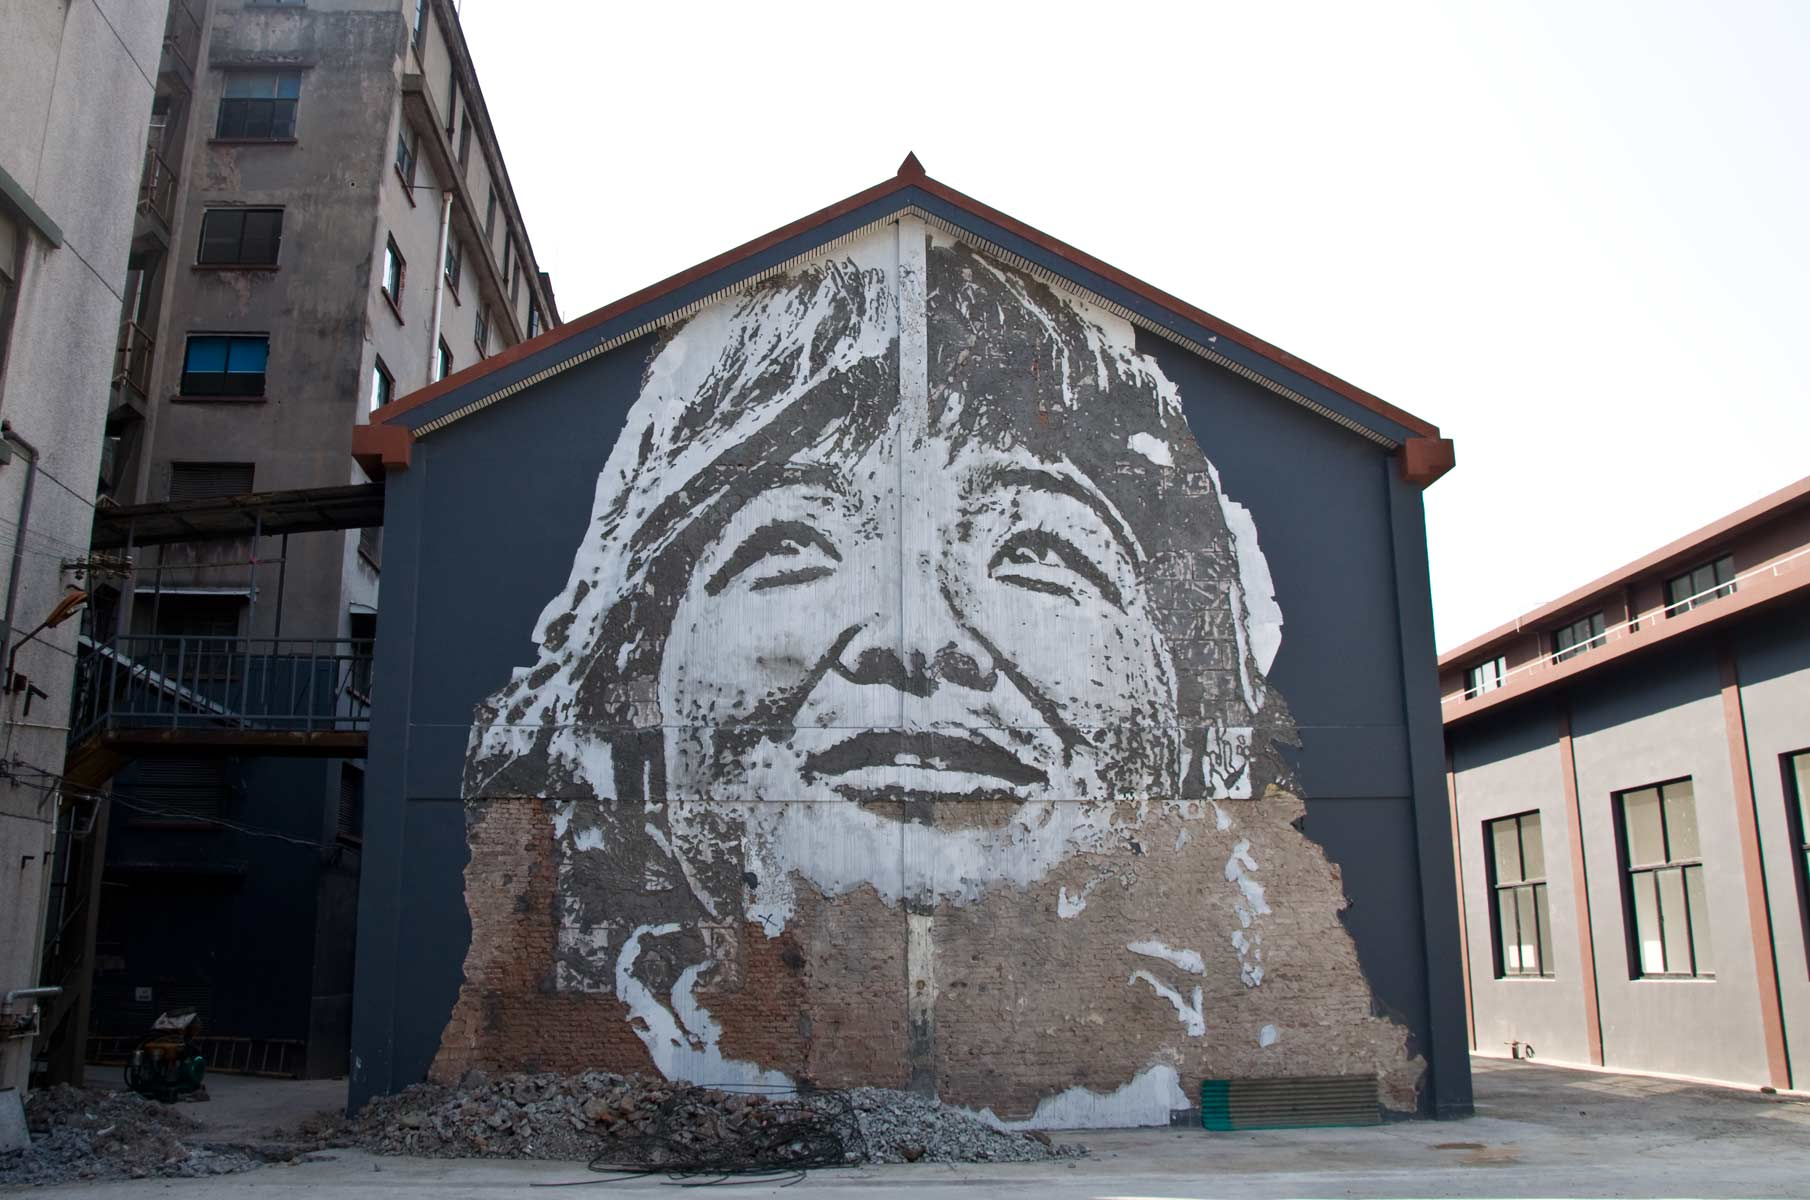 Street Artist Vhils in Shanghai in 2017